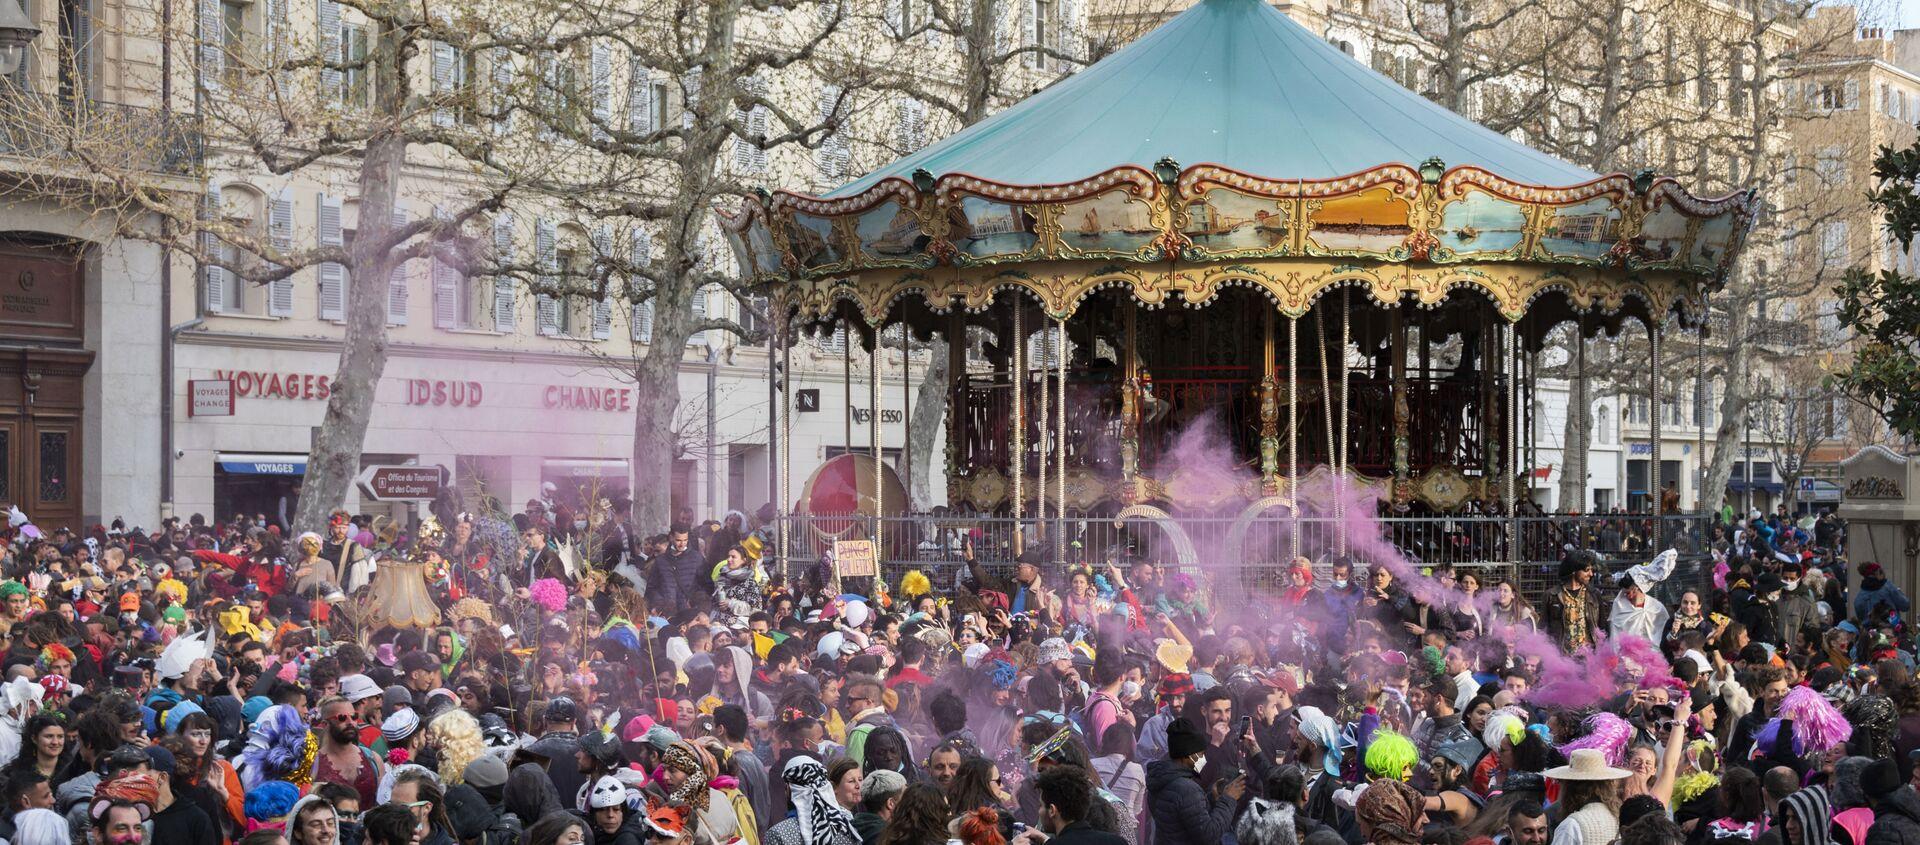 Le carnaval à Marseille  - Sputnik France, 1920, 23.03.2021